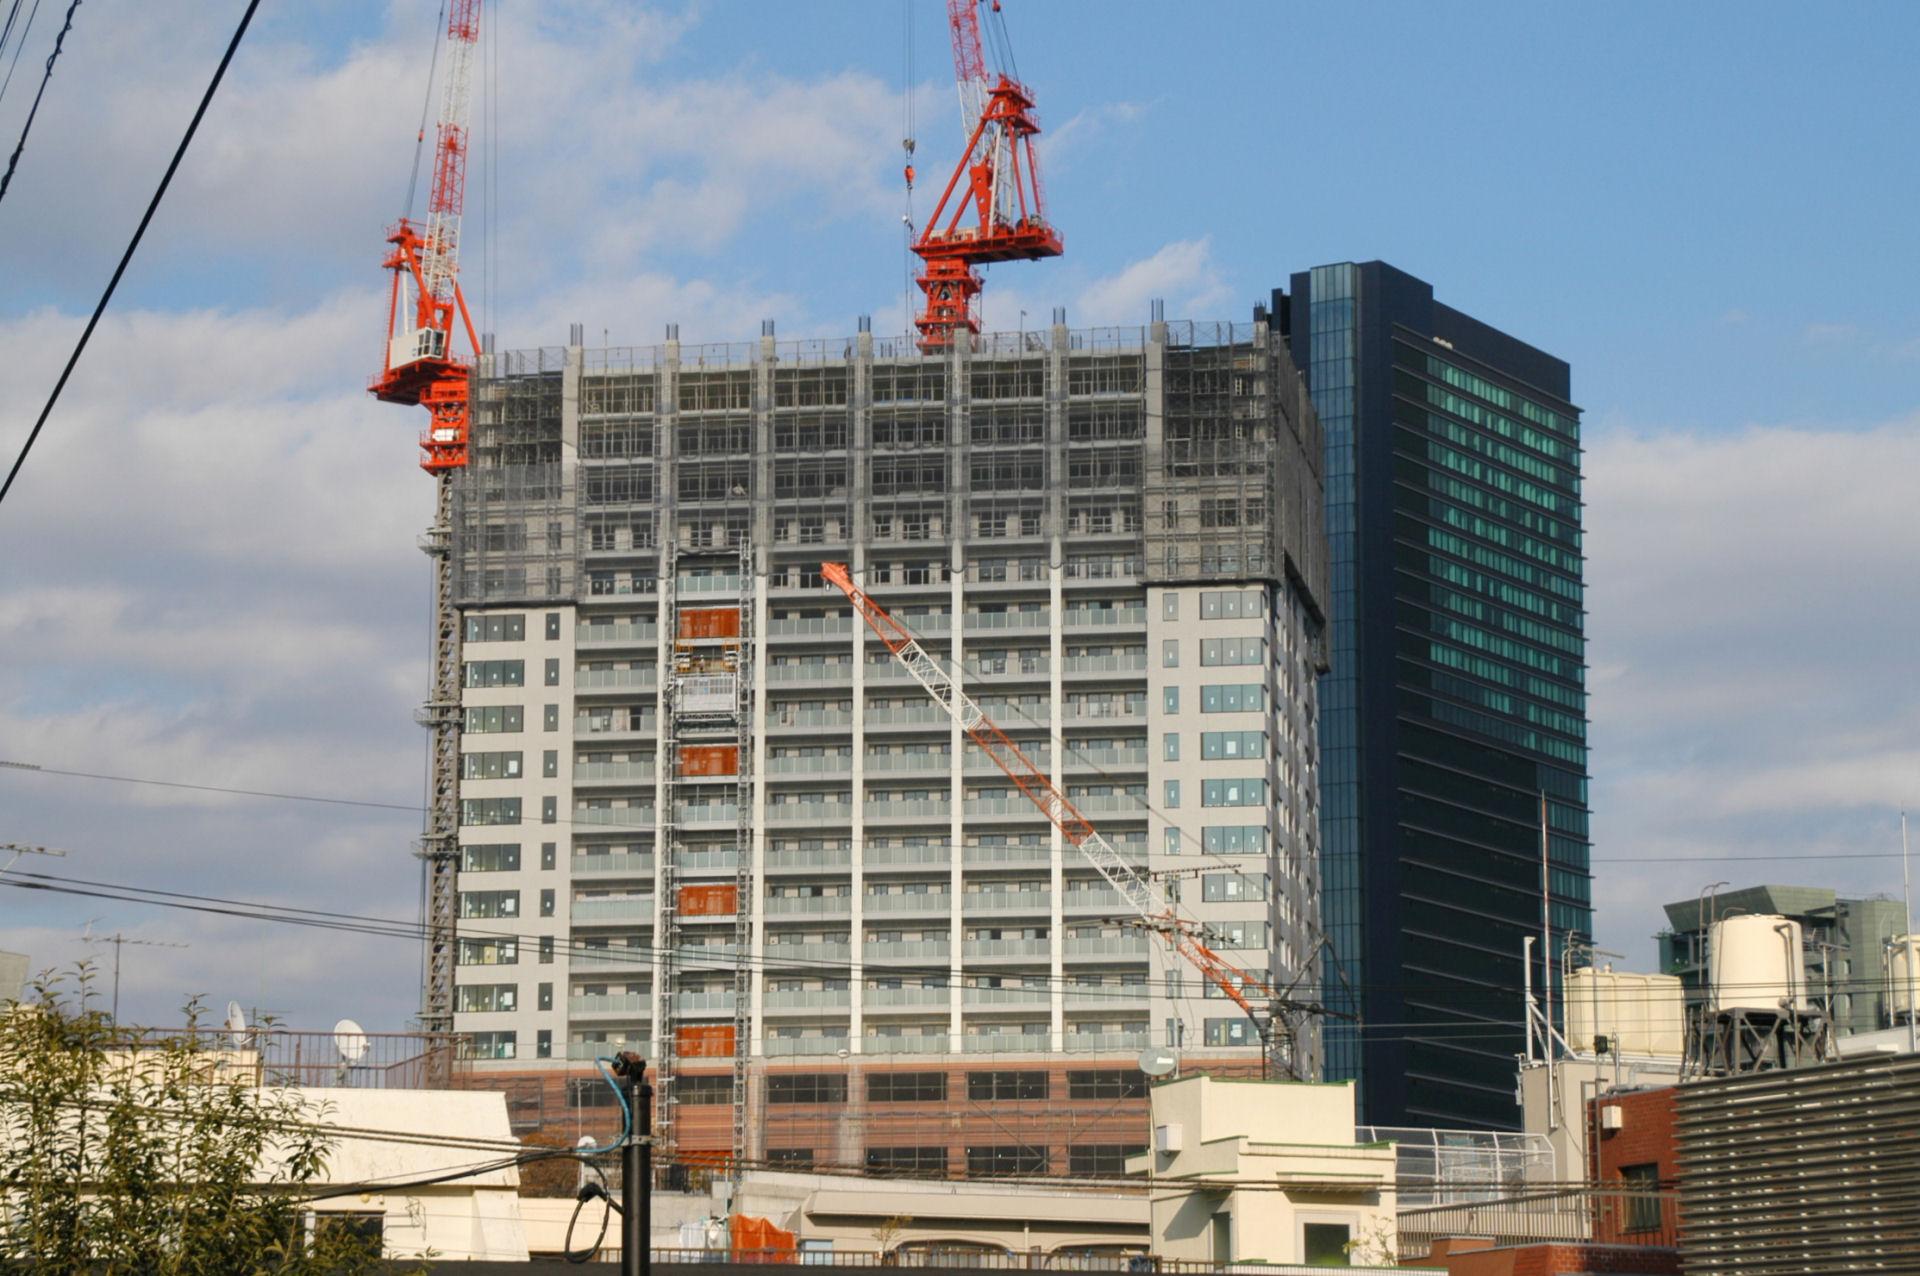 crossairtower0135.jpg